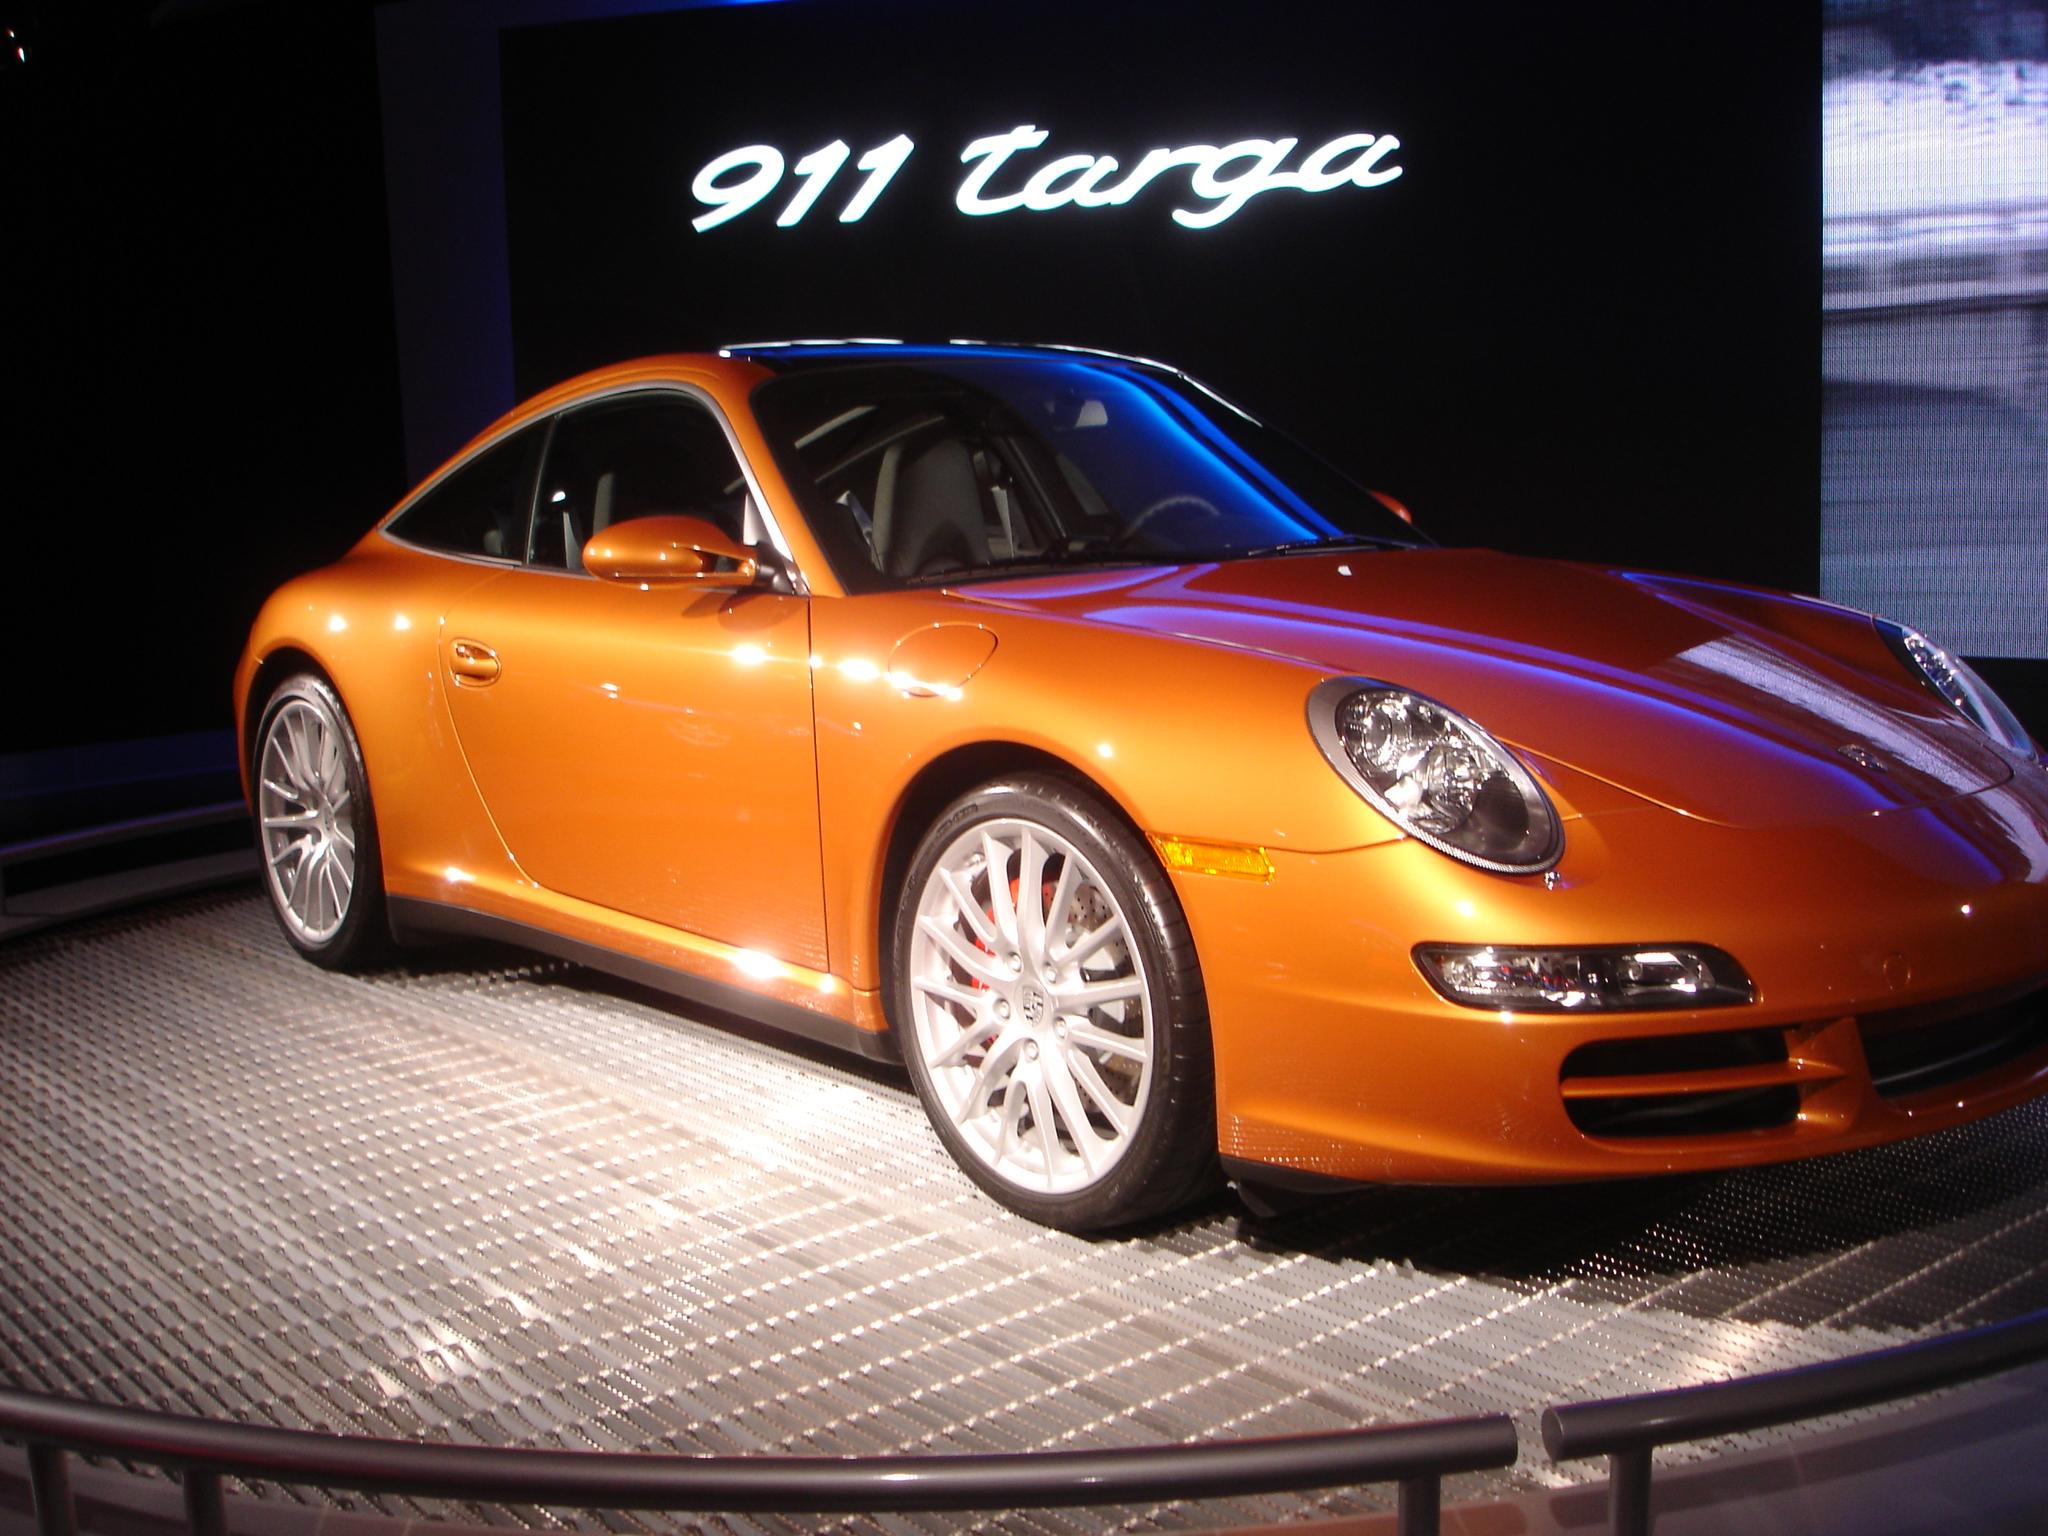 2006 porsche 911 targa - photo #40